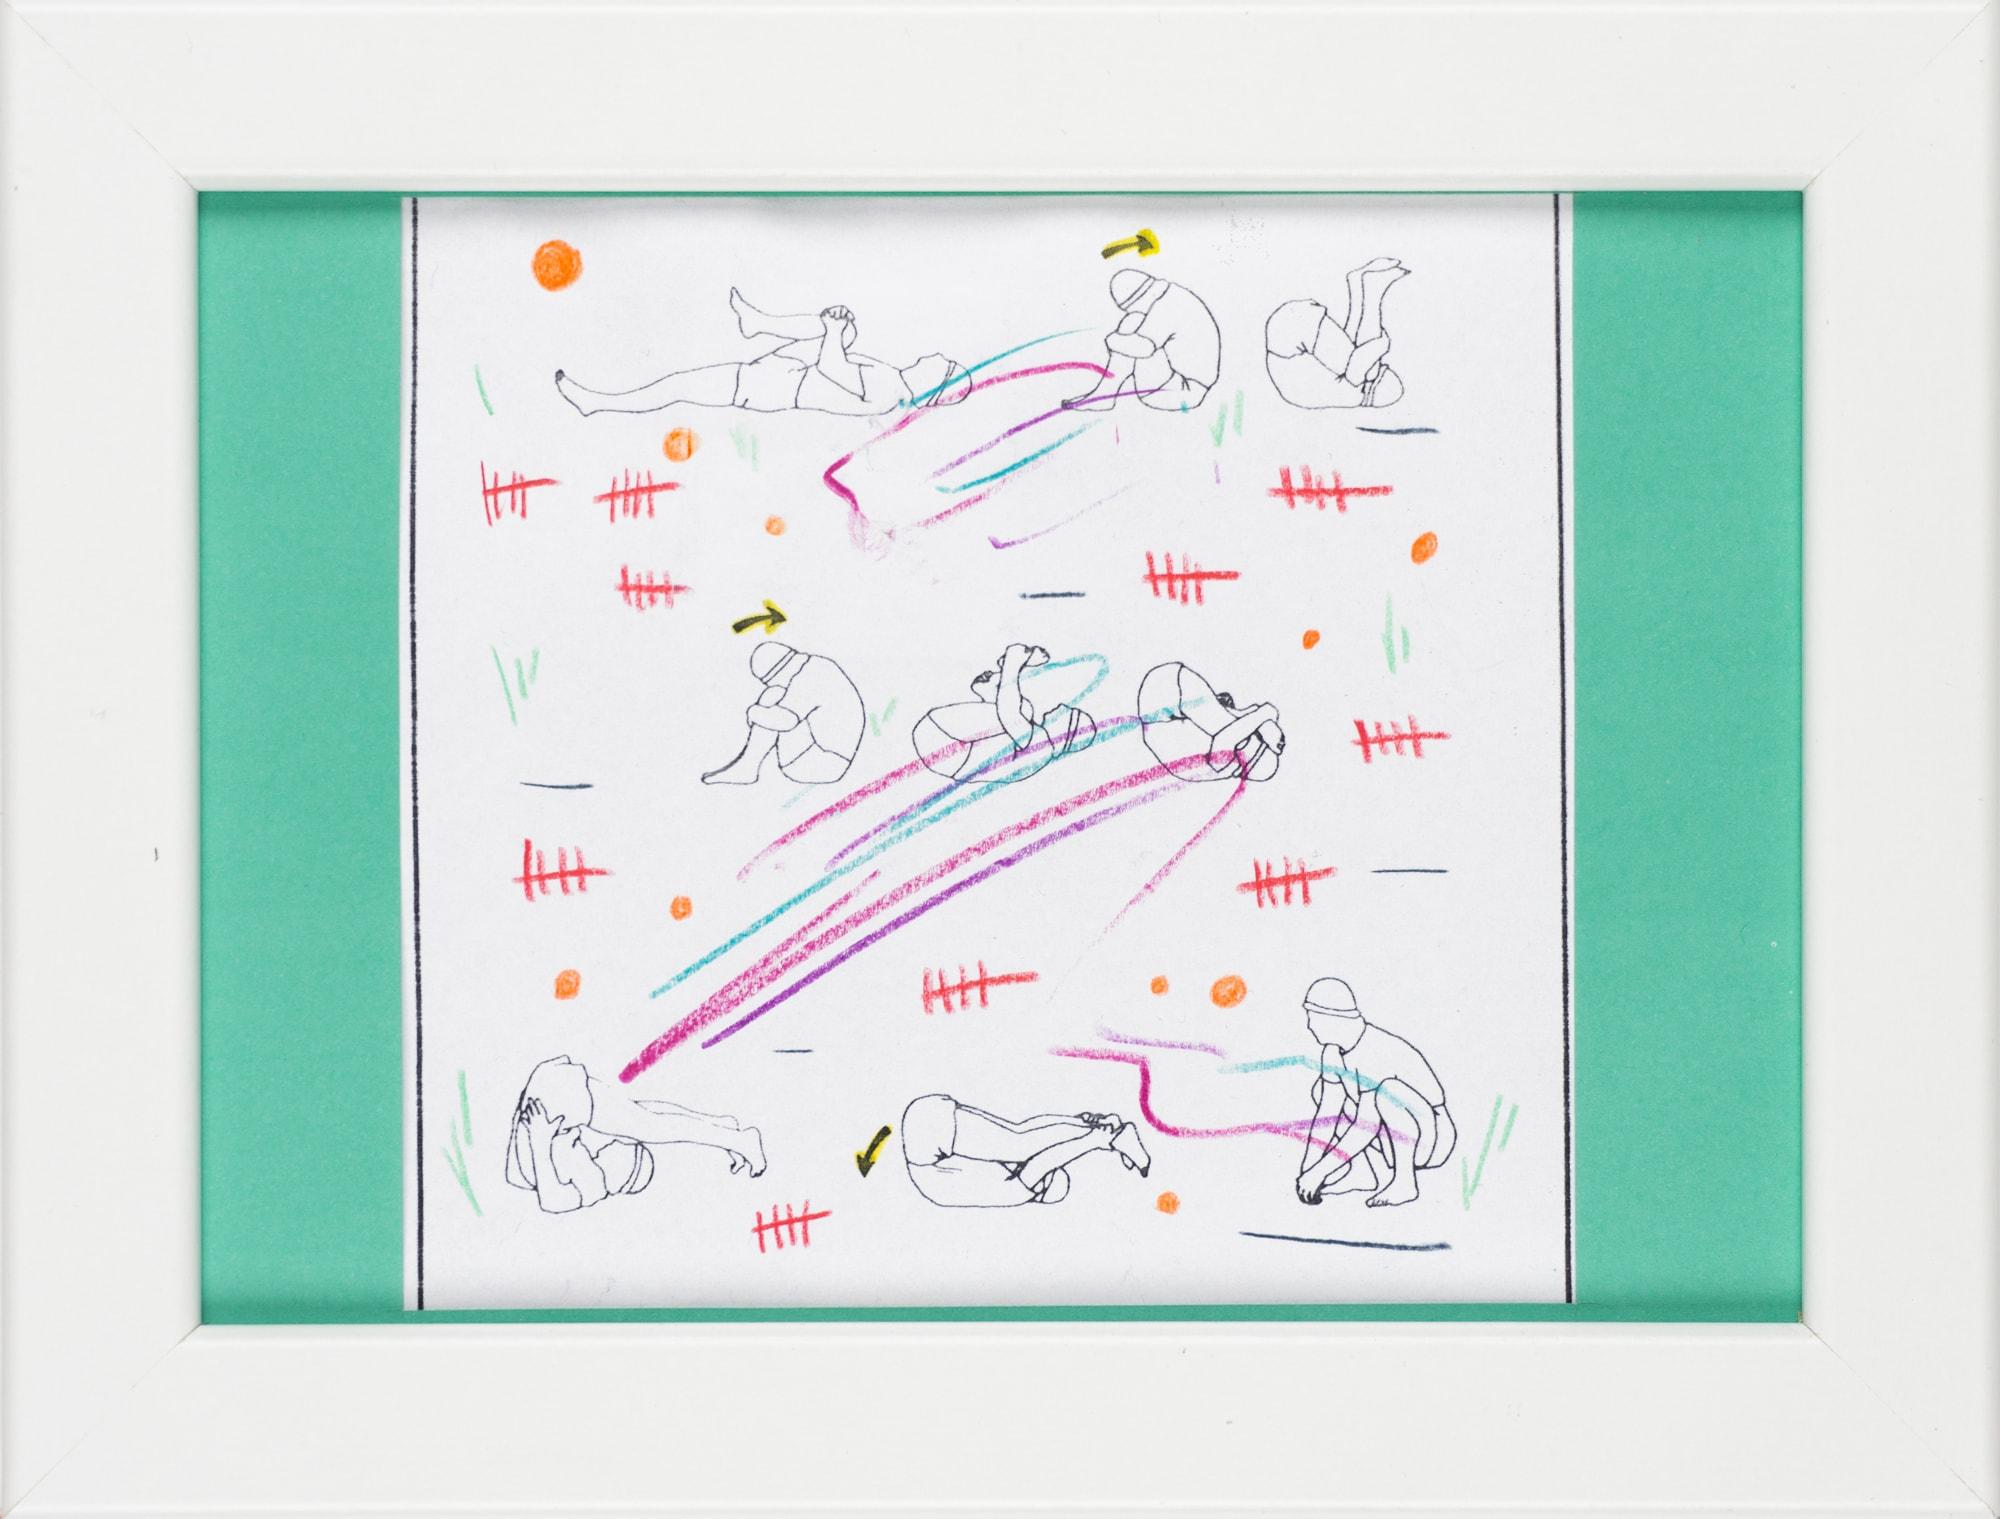 Übermalung und Mischtechnik auf Papier, 12,4x11,8cm, Originalgrafik zum gleichnamigen Booklet, Künstlerin: Franziska King